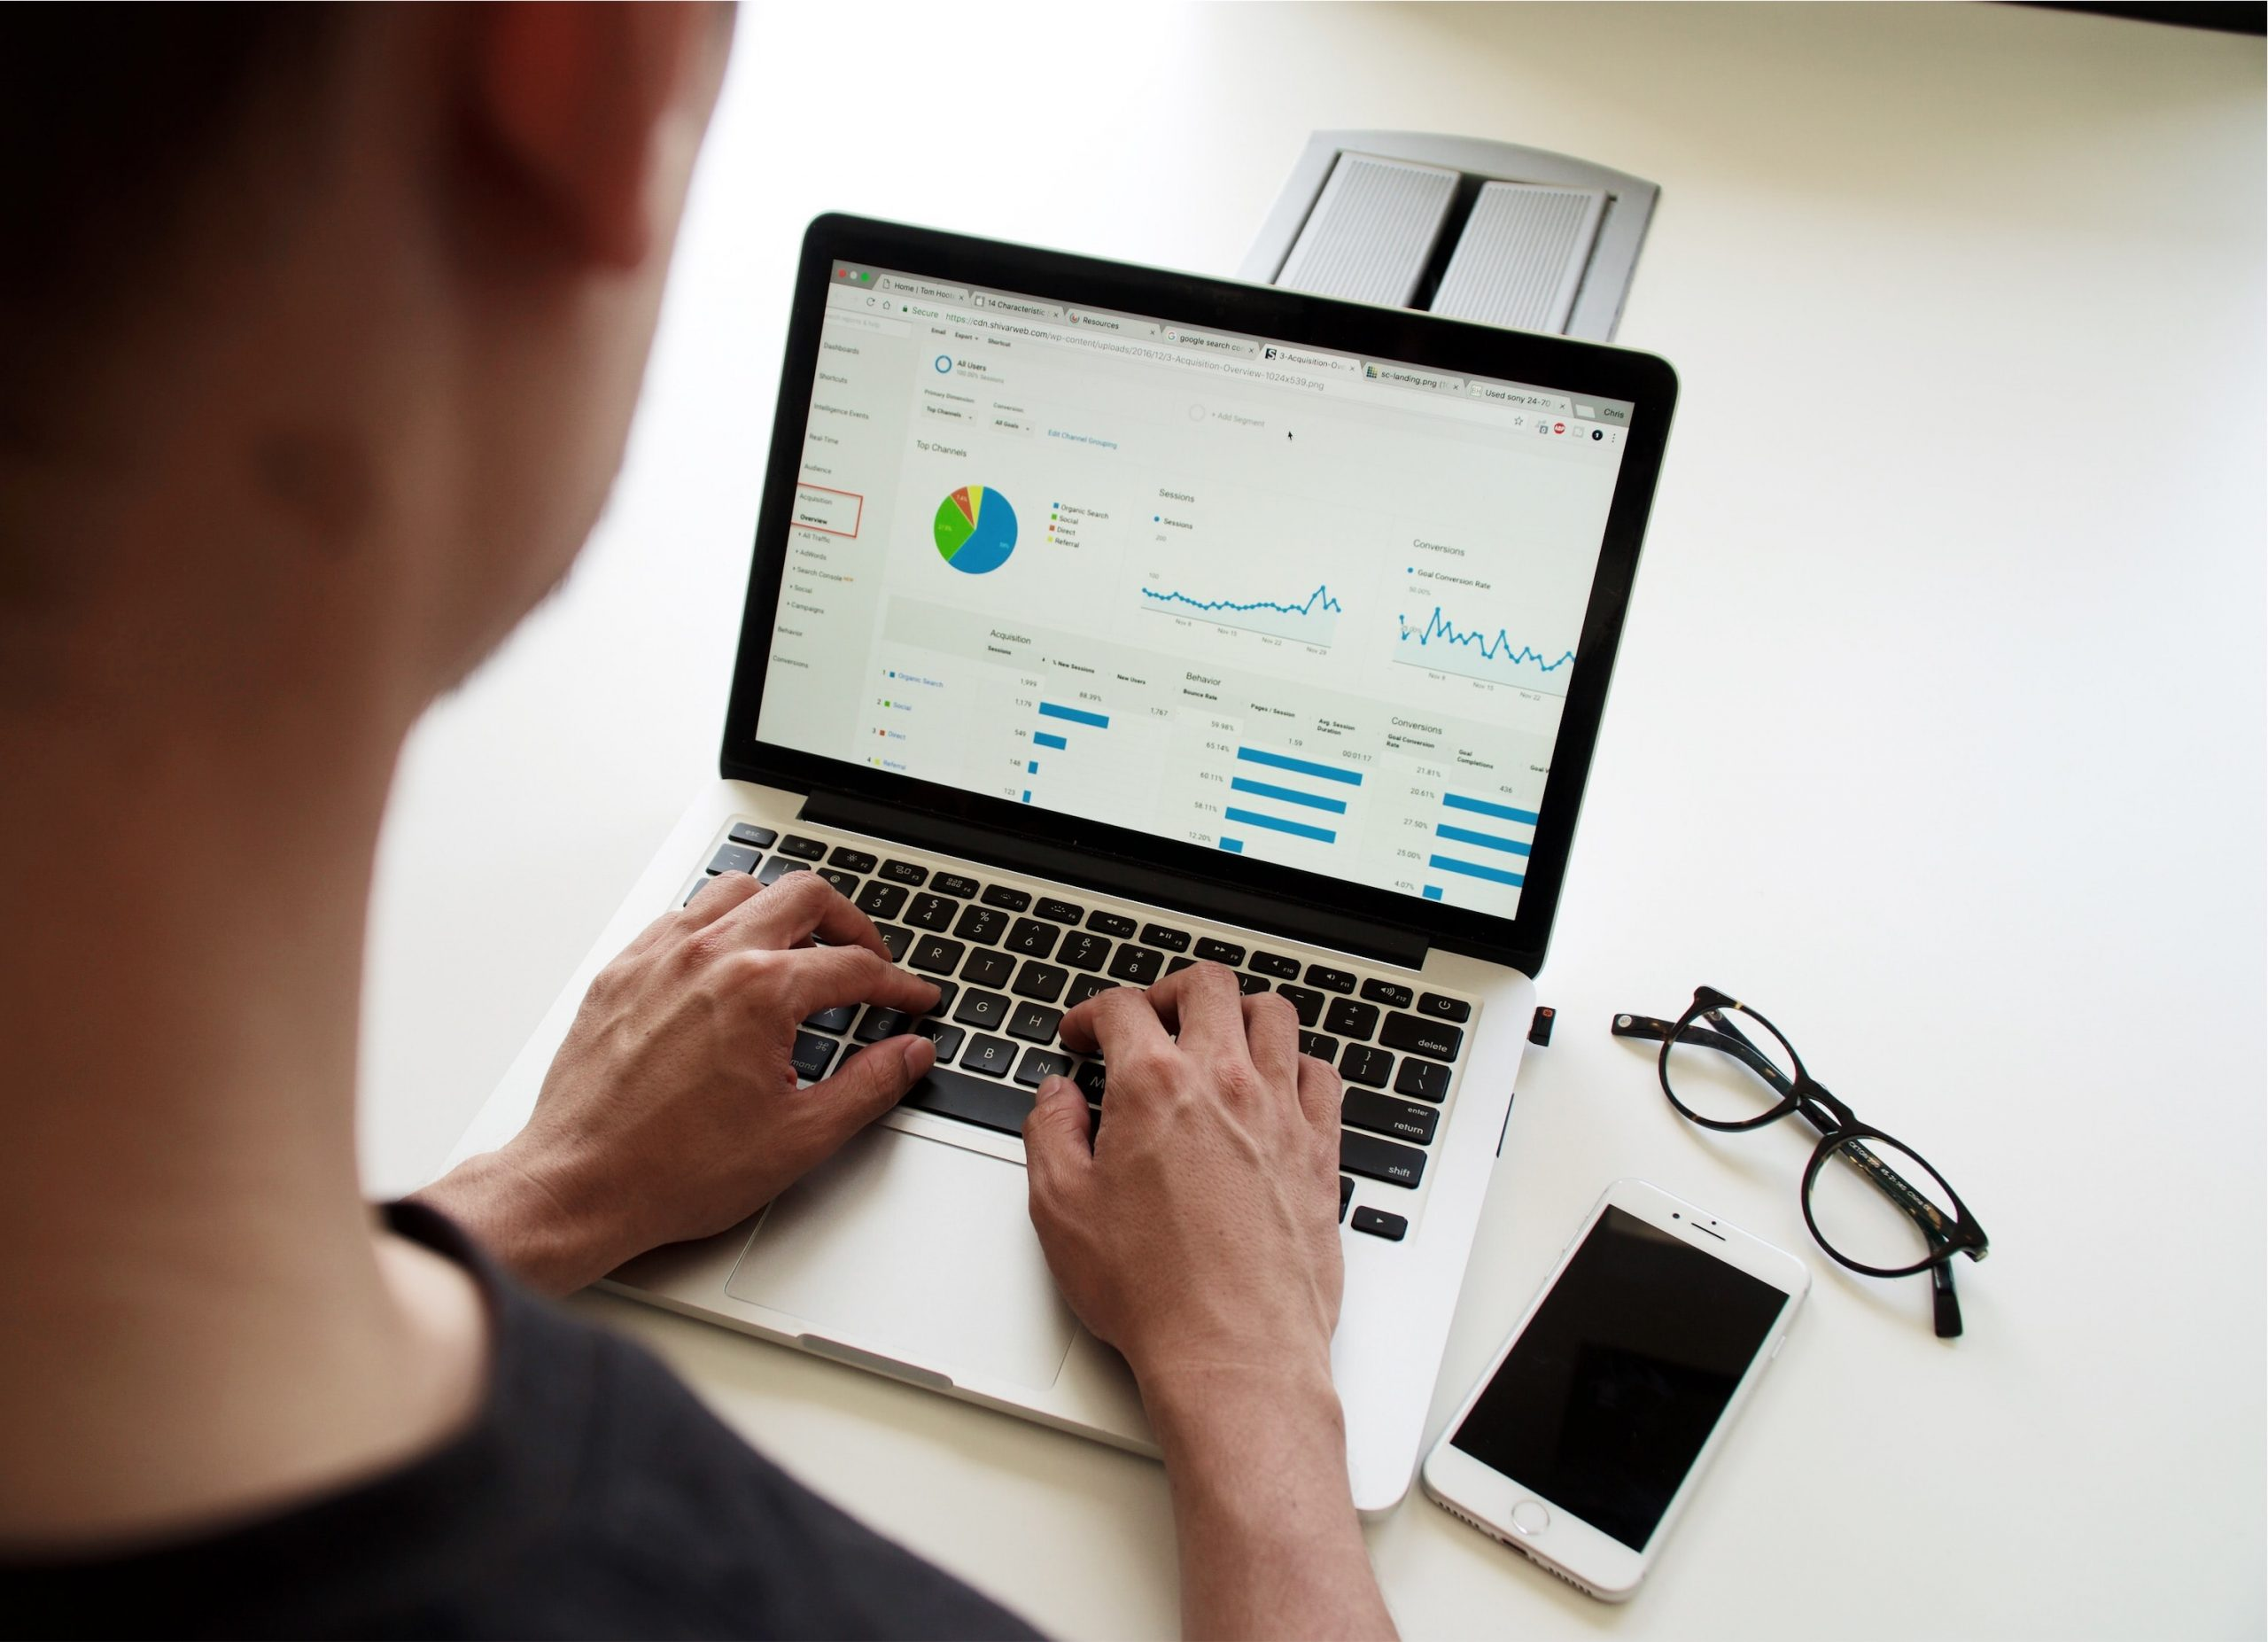 Graphe Google Analytics en forte hausse visualisé par un commercial sur son ordinateur portable.